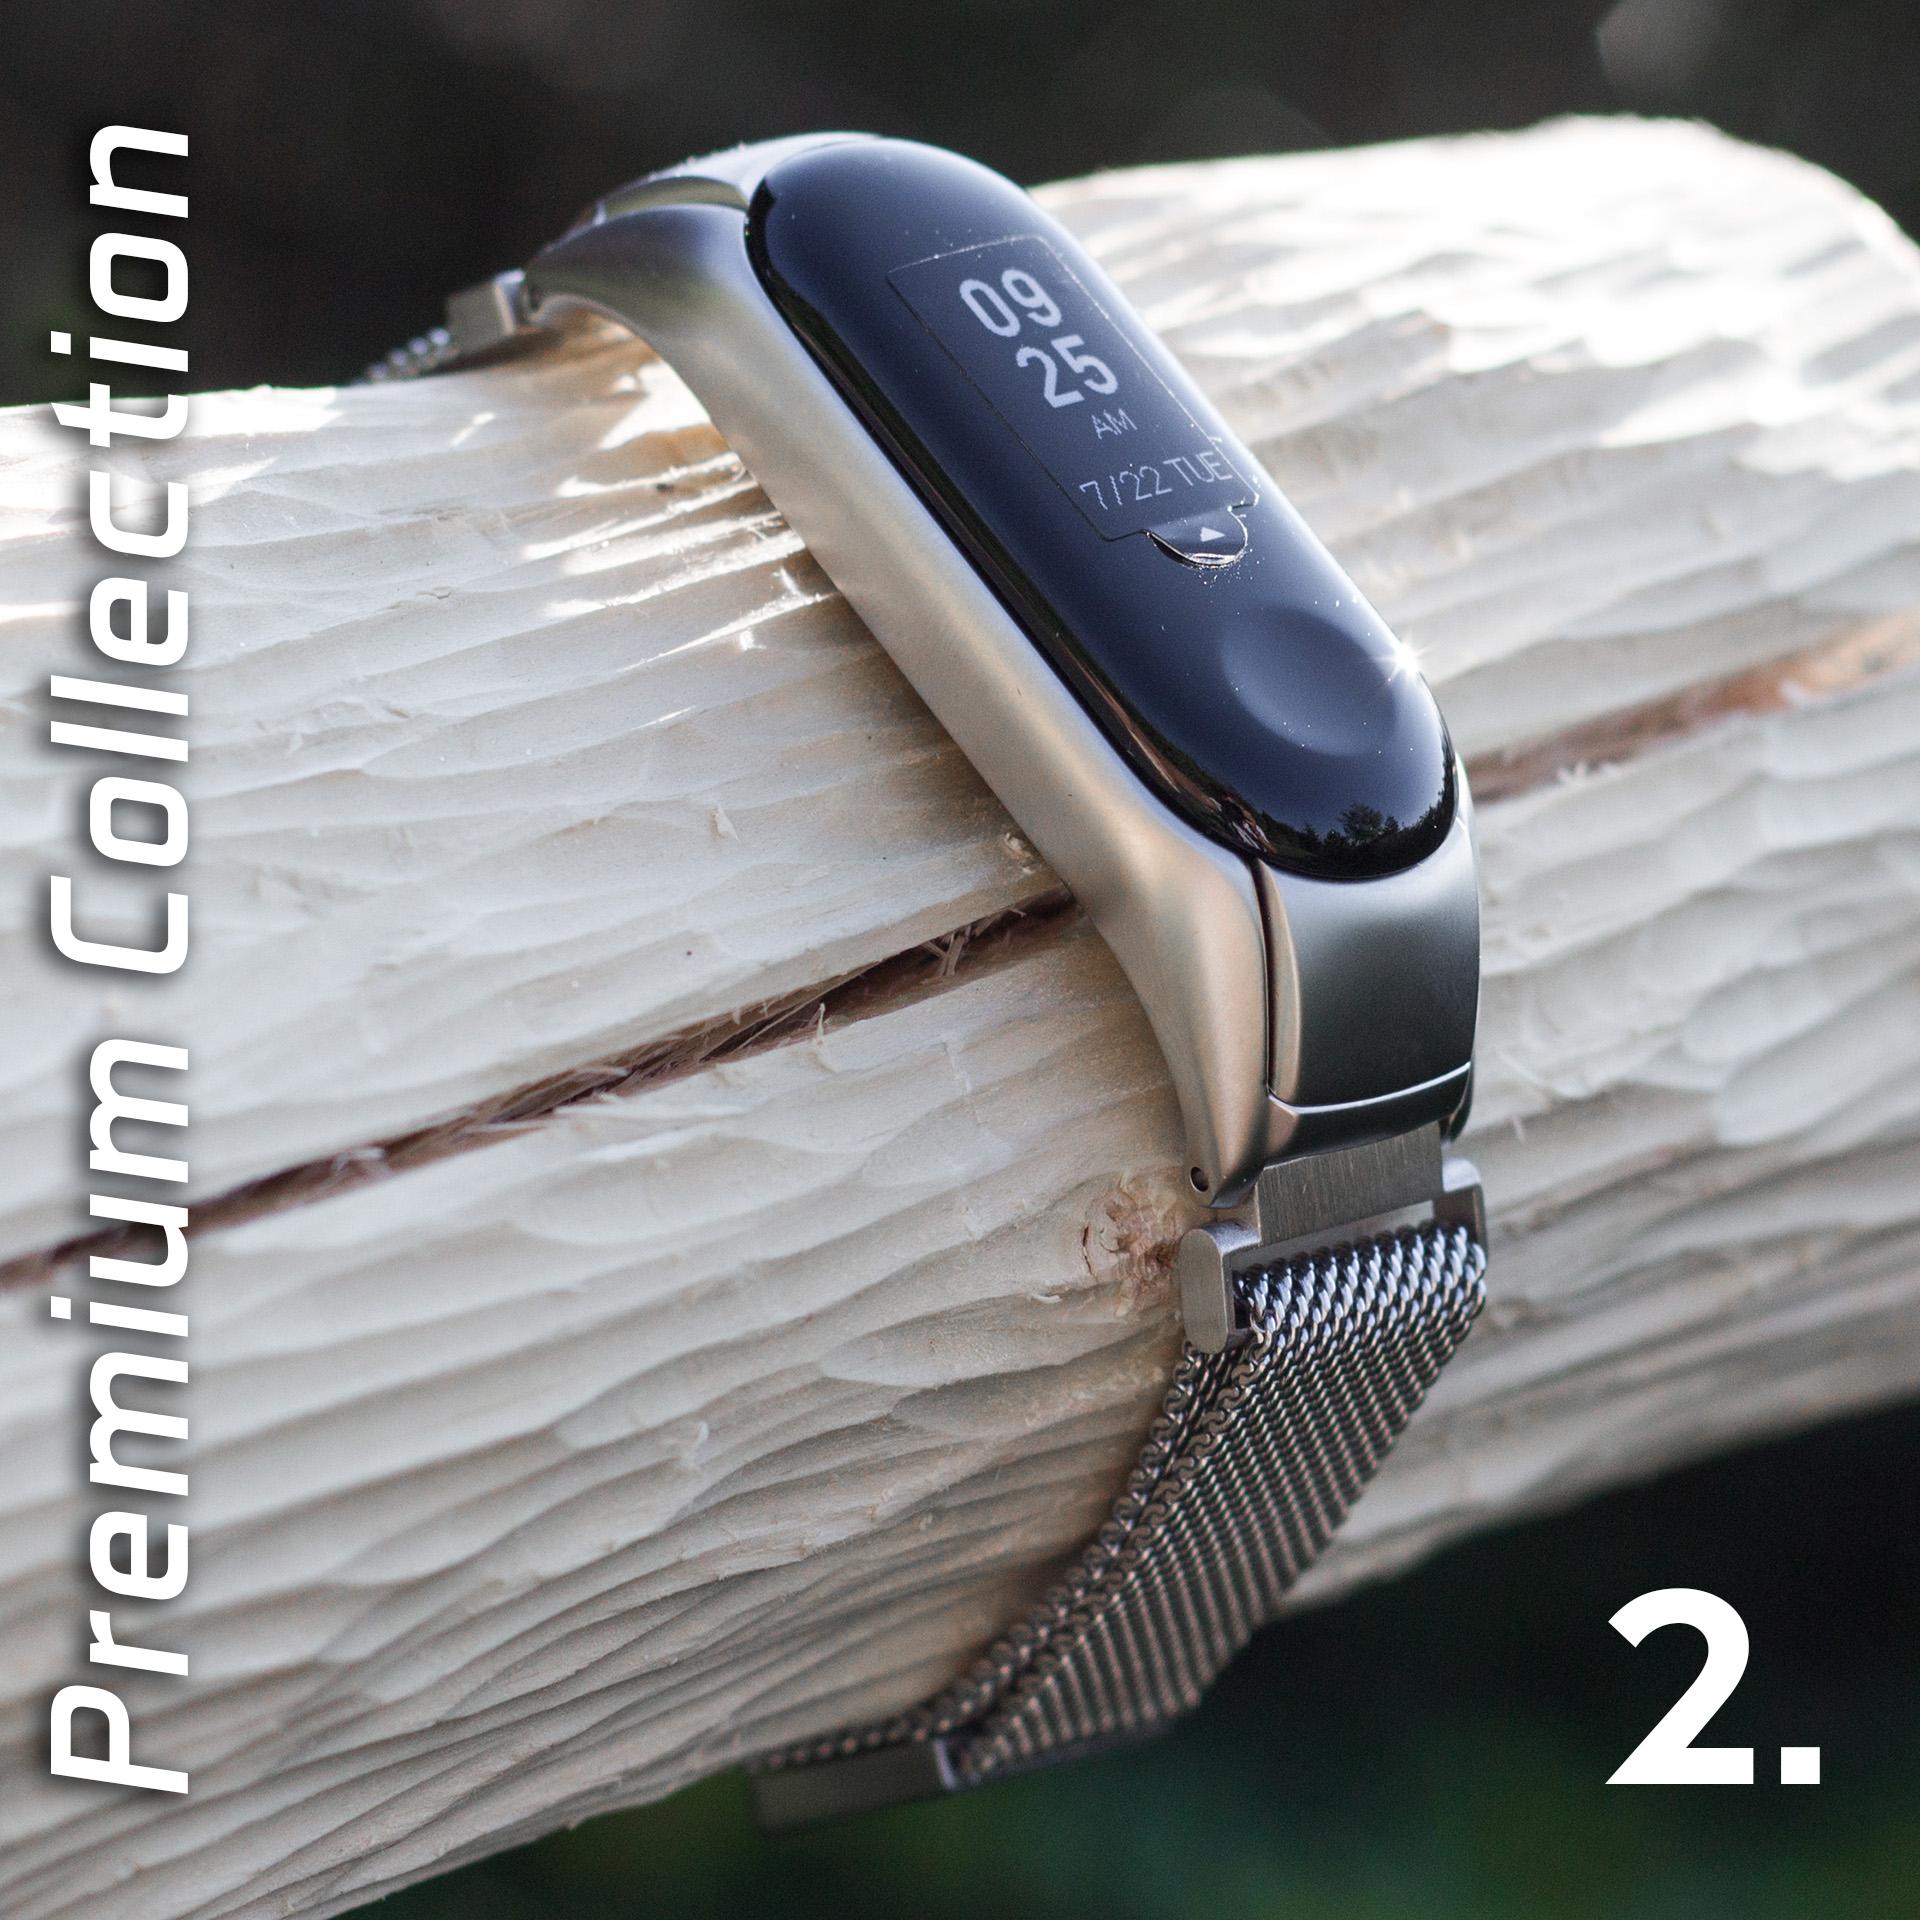 Mi Band 3 fém pánt - ezüst 7d5b4dfe24